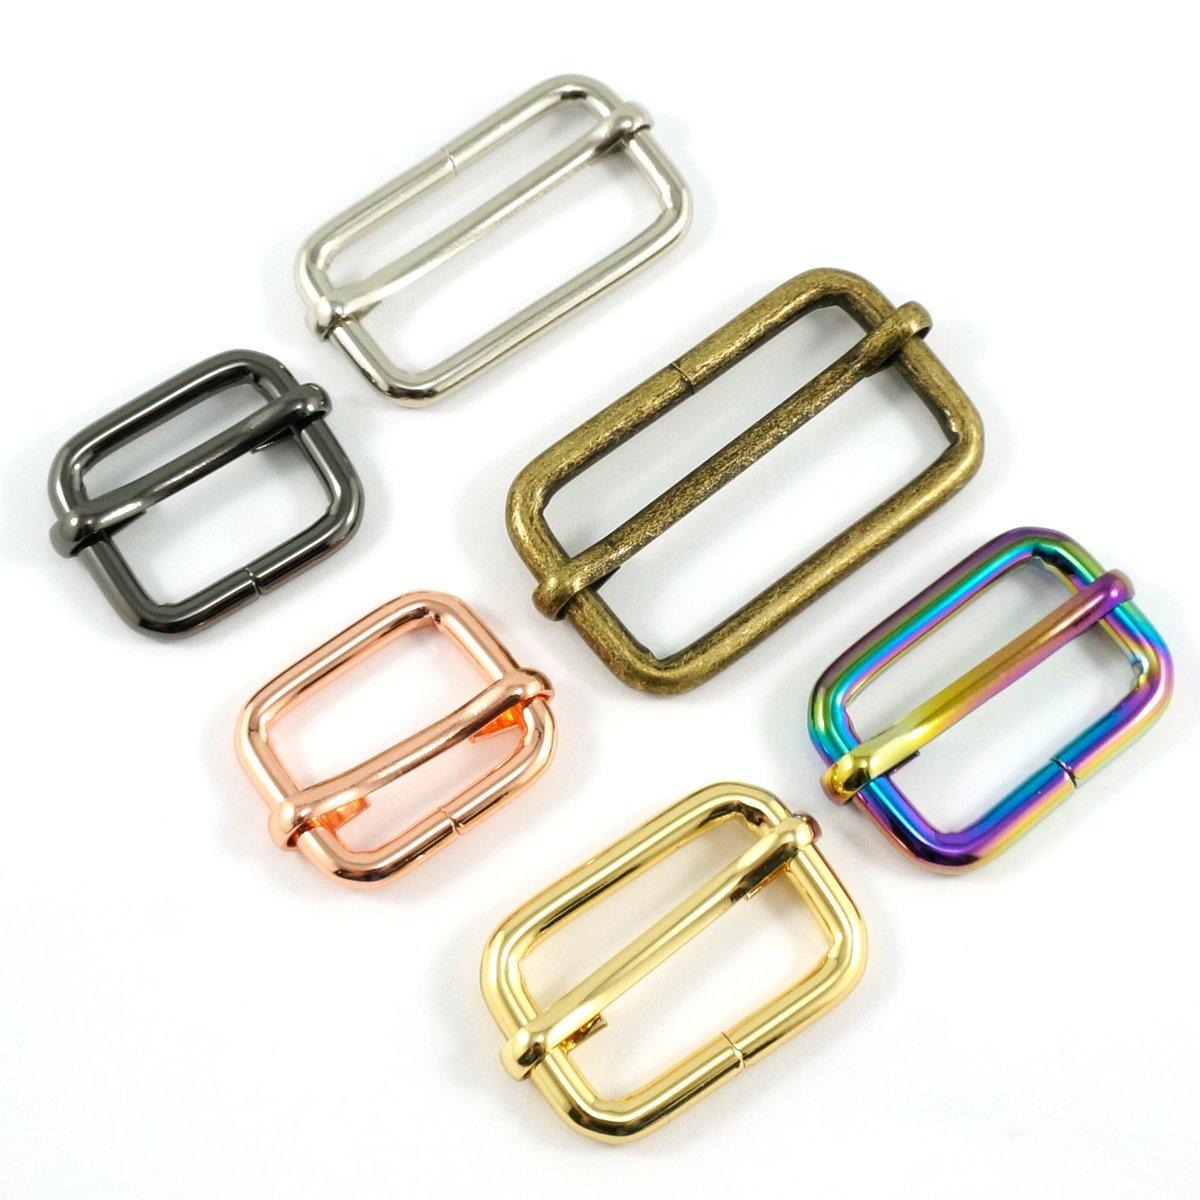 EB 1 Adjustable Slider Antique Brass- 2 Pack